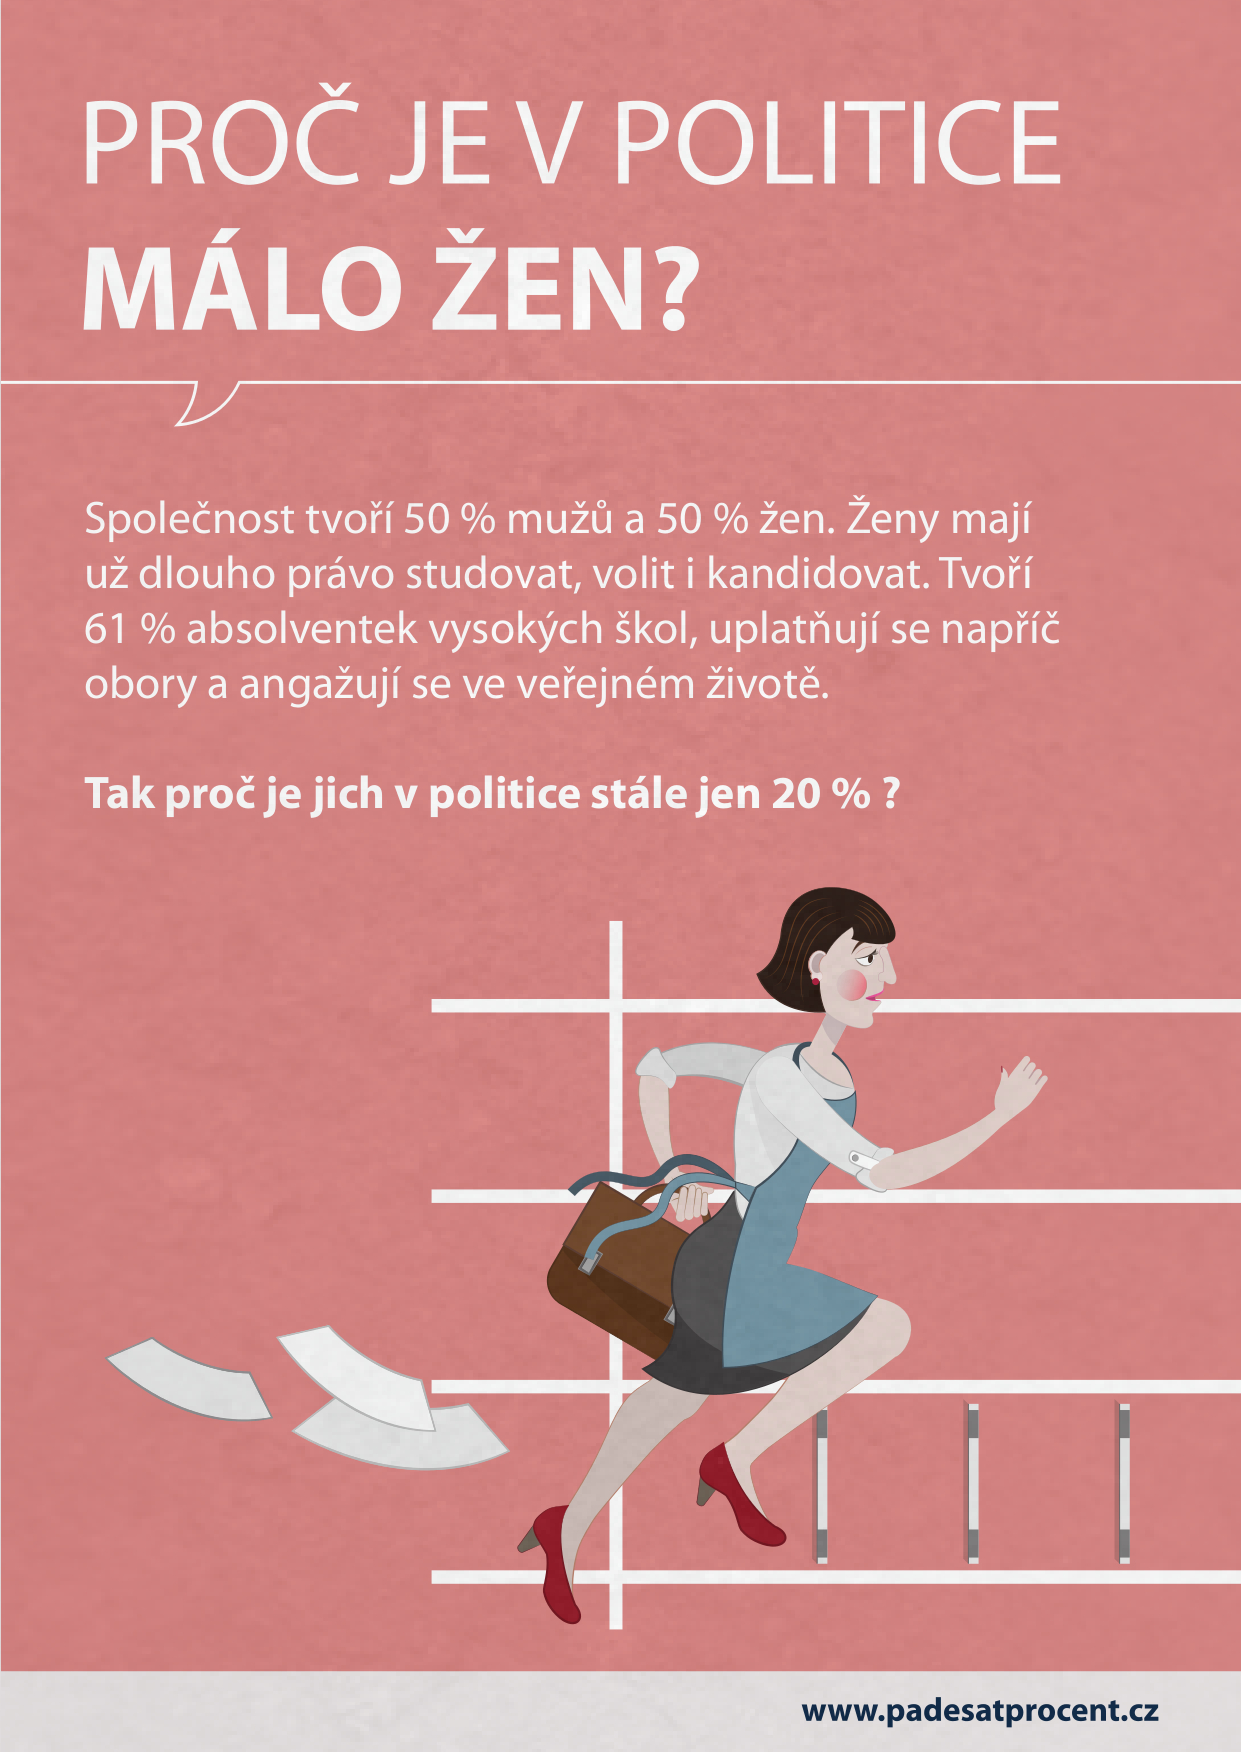 Obálka brožury Proč je v politice málo žen (Fórum 50 %)